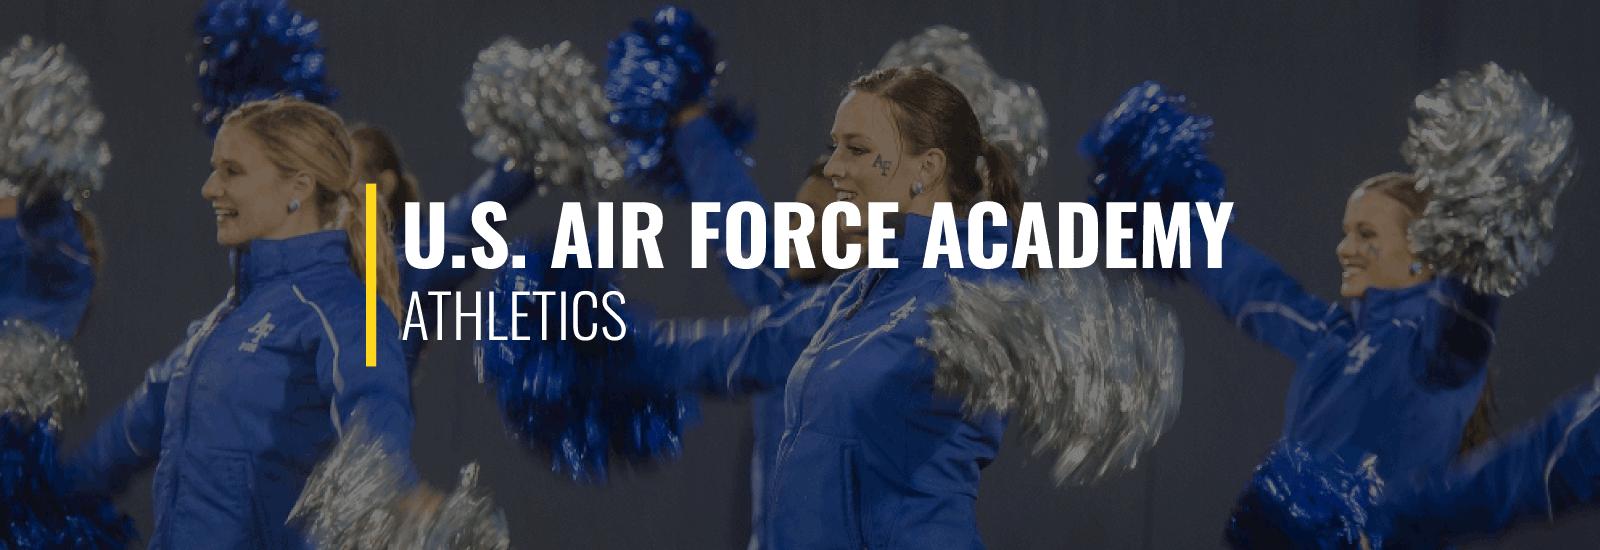 Air Force Academy Athletics